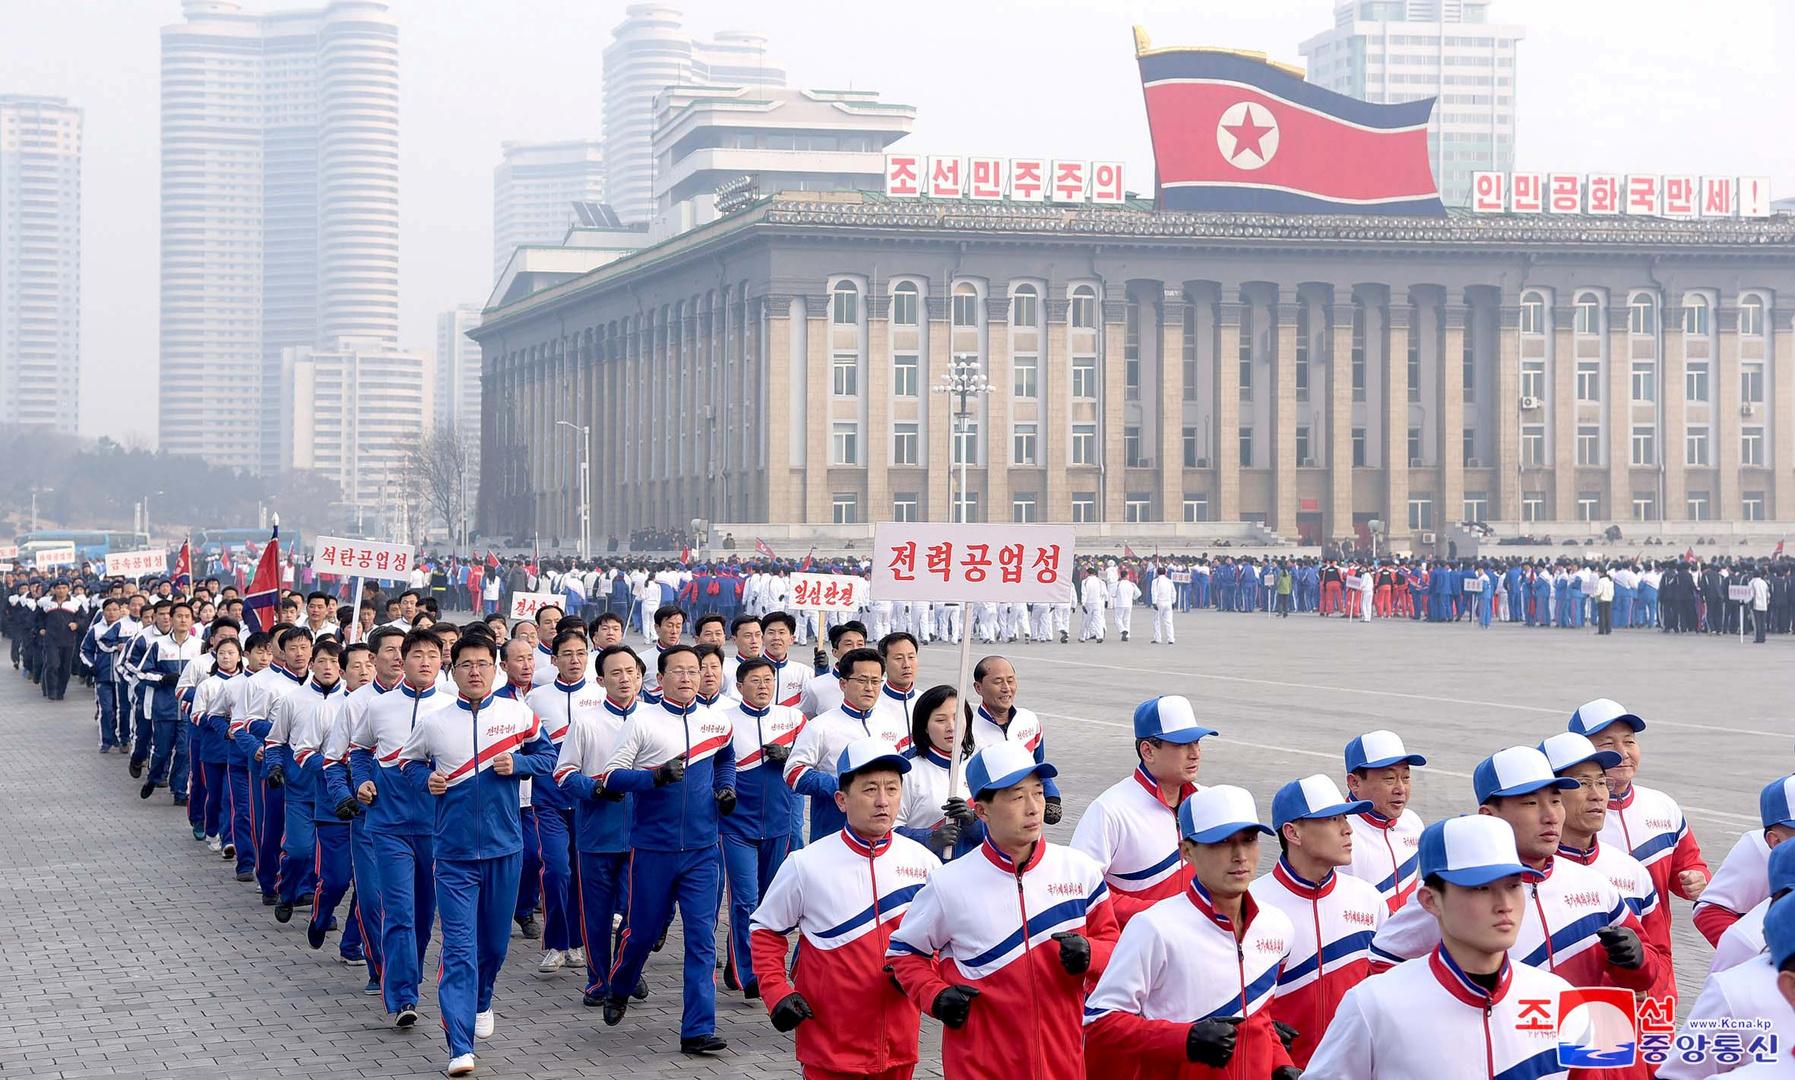 بيونغ يانغ تنتقد واشنطن بعد إدراجها على قائمة الدول الداعمة للإرهاب